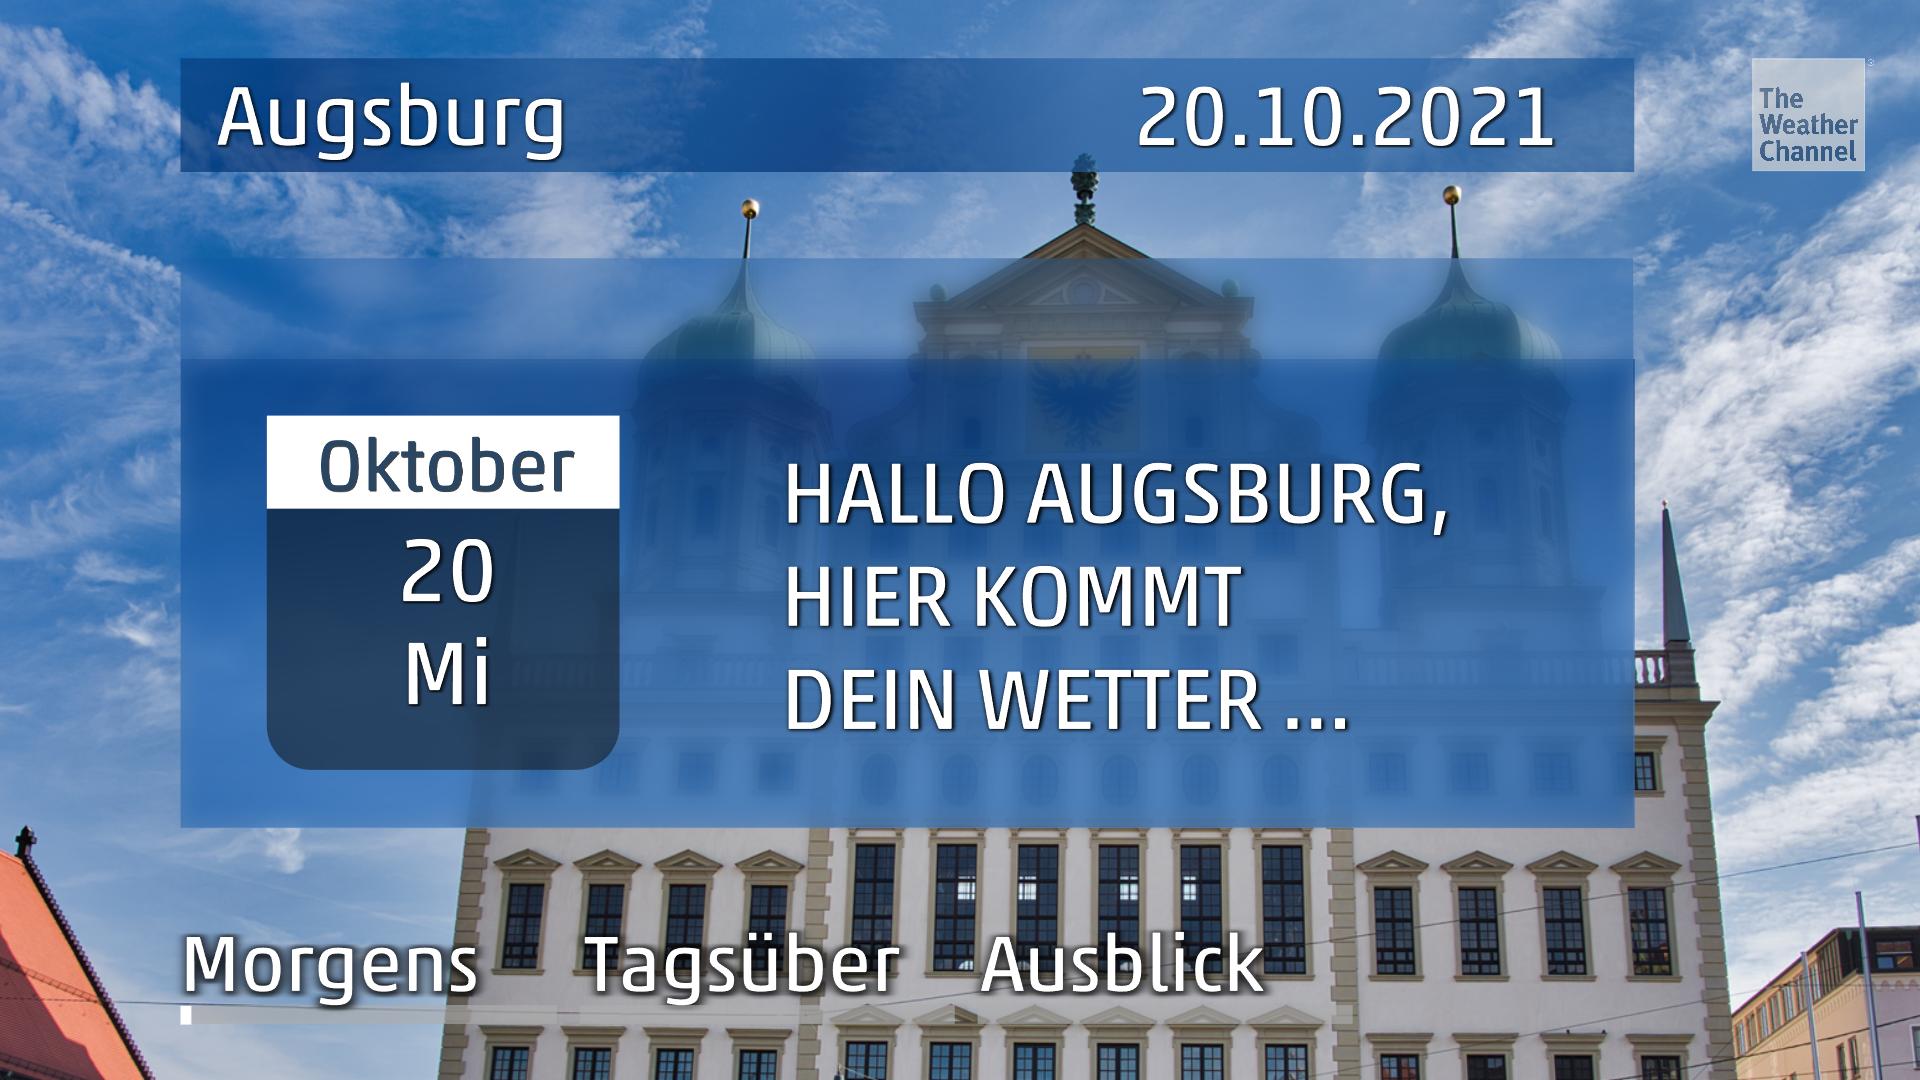 Das Wetter für Augsburg am Mittwoch, den 20.10.2021